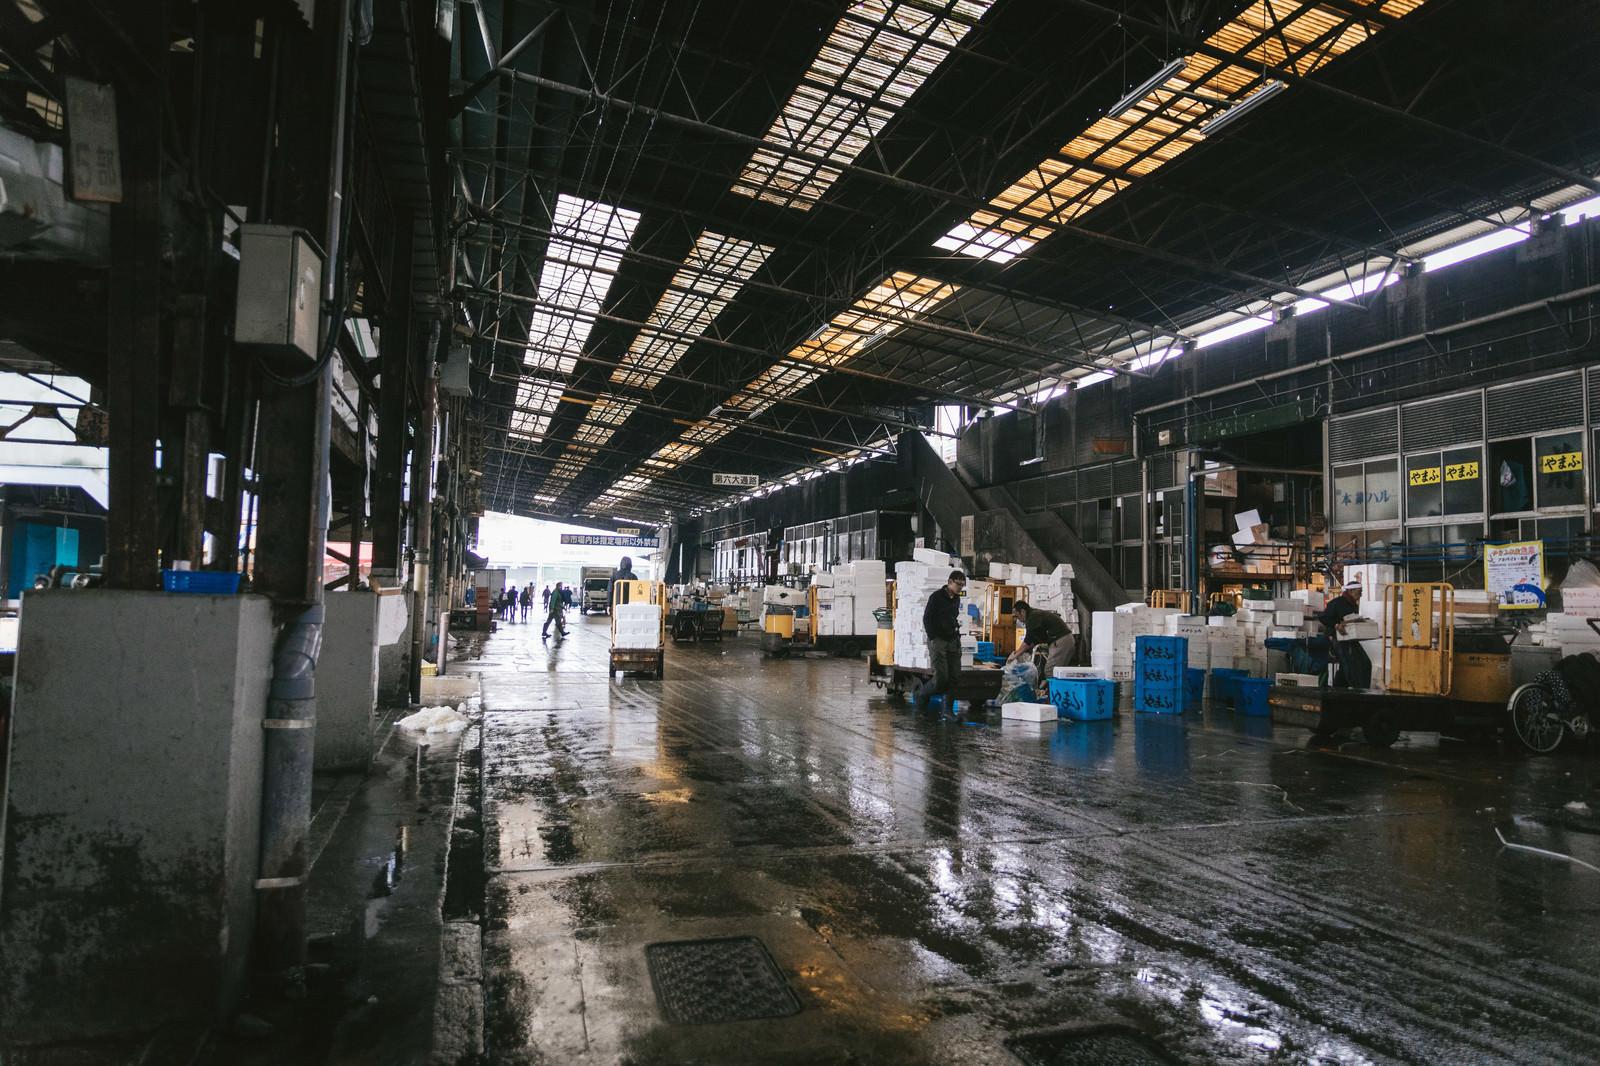 「築地市場内(水産物部仲卸売場前)」の写真